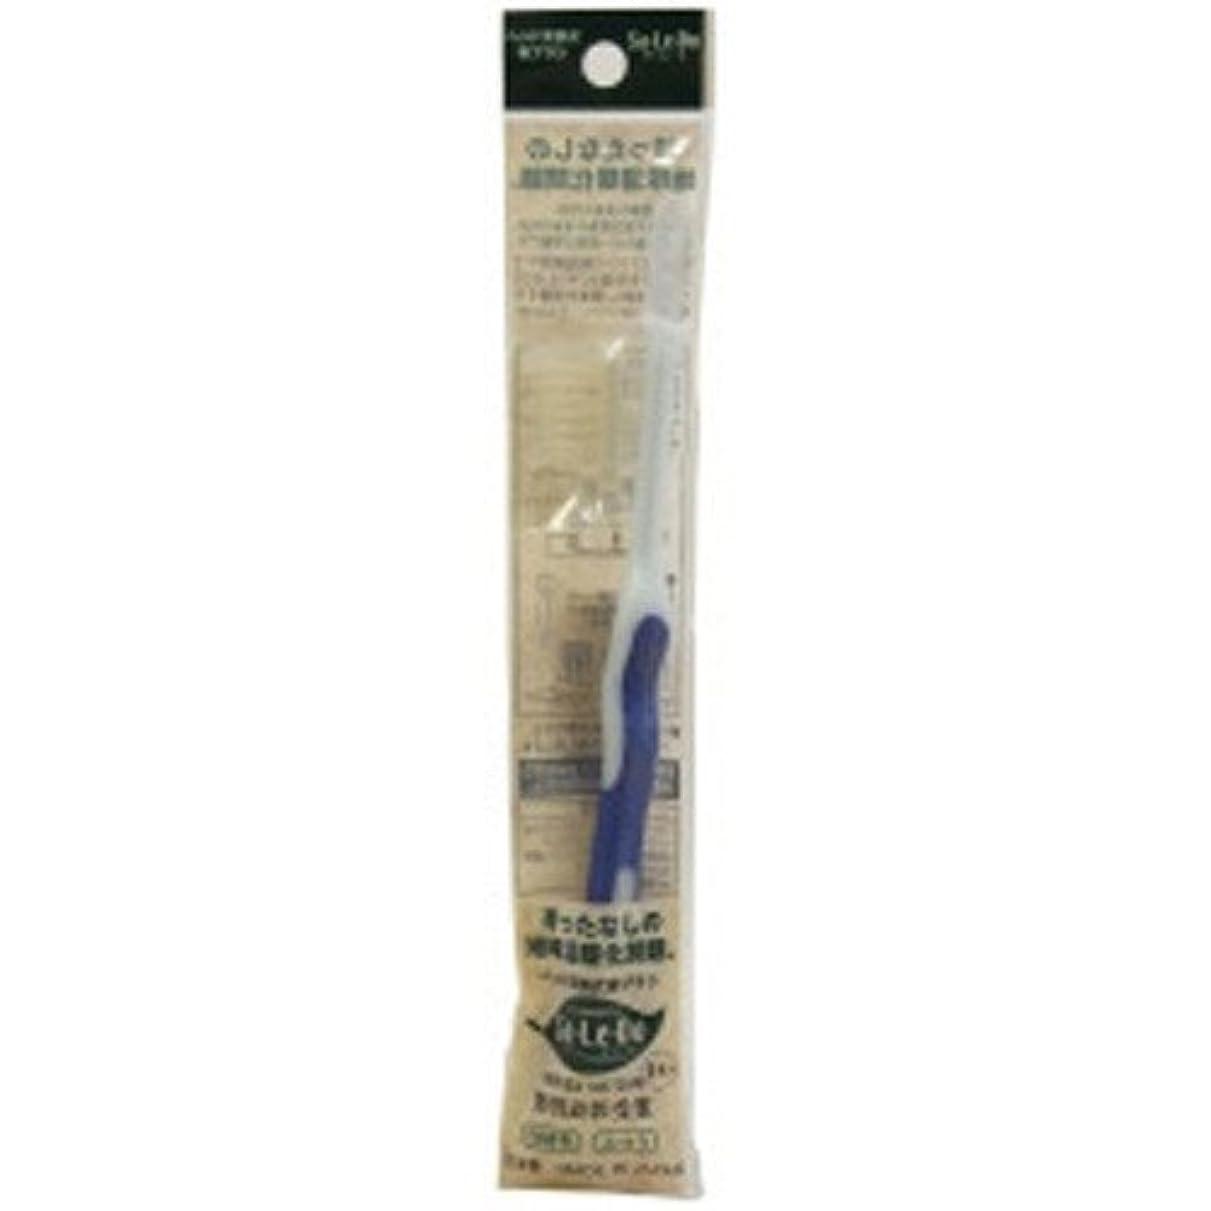 モンク以下半径サレド ヘッド交換式歯ブラシ お試しセット レギュラーヘッド ブルー